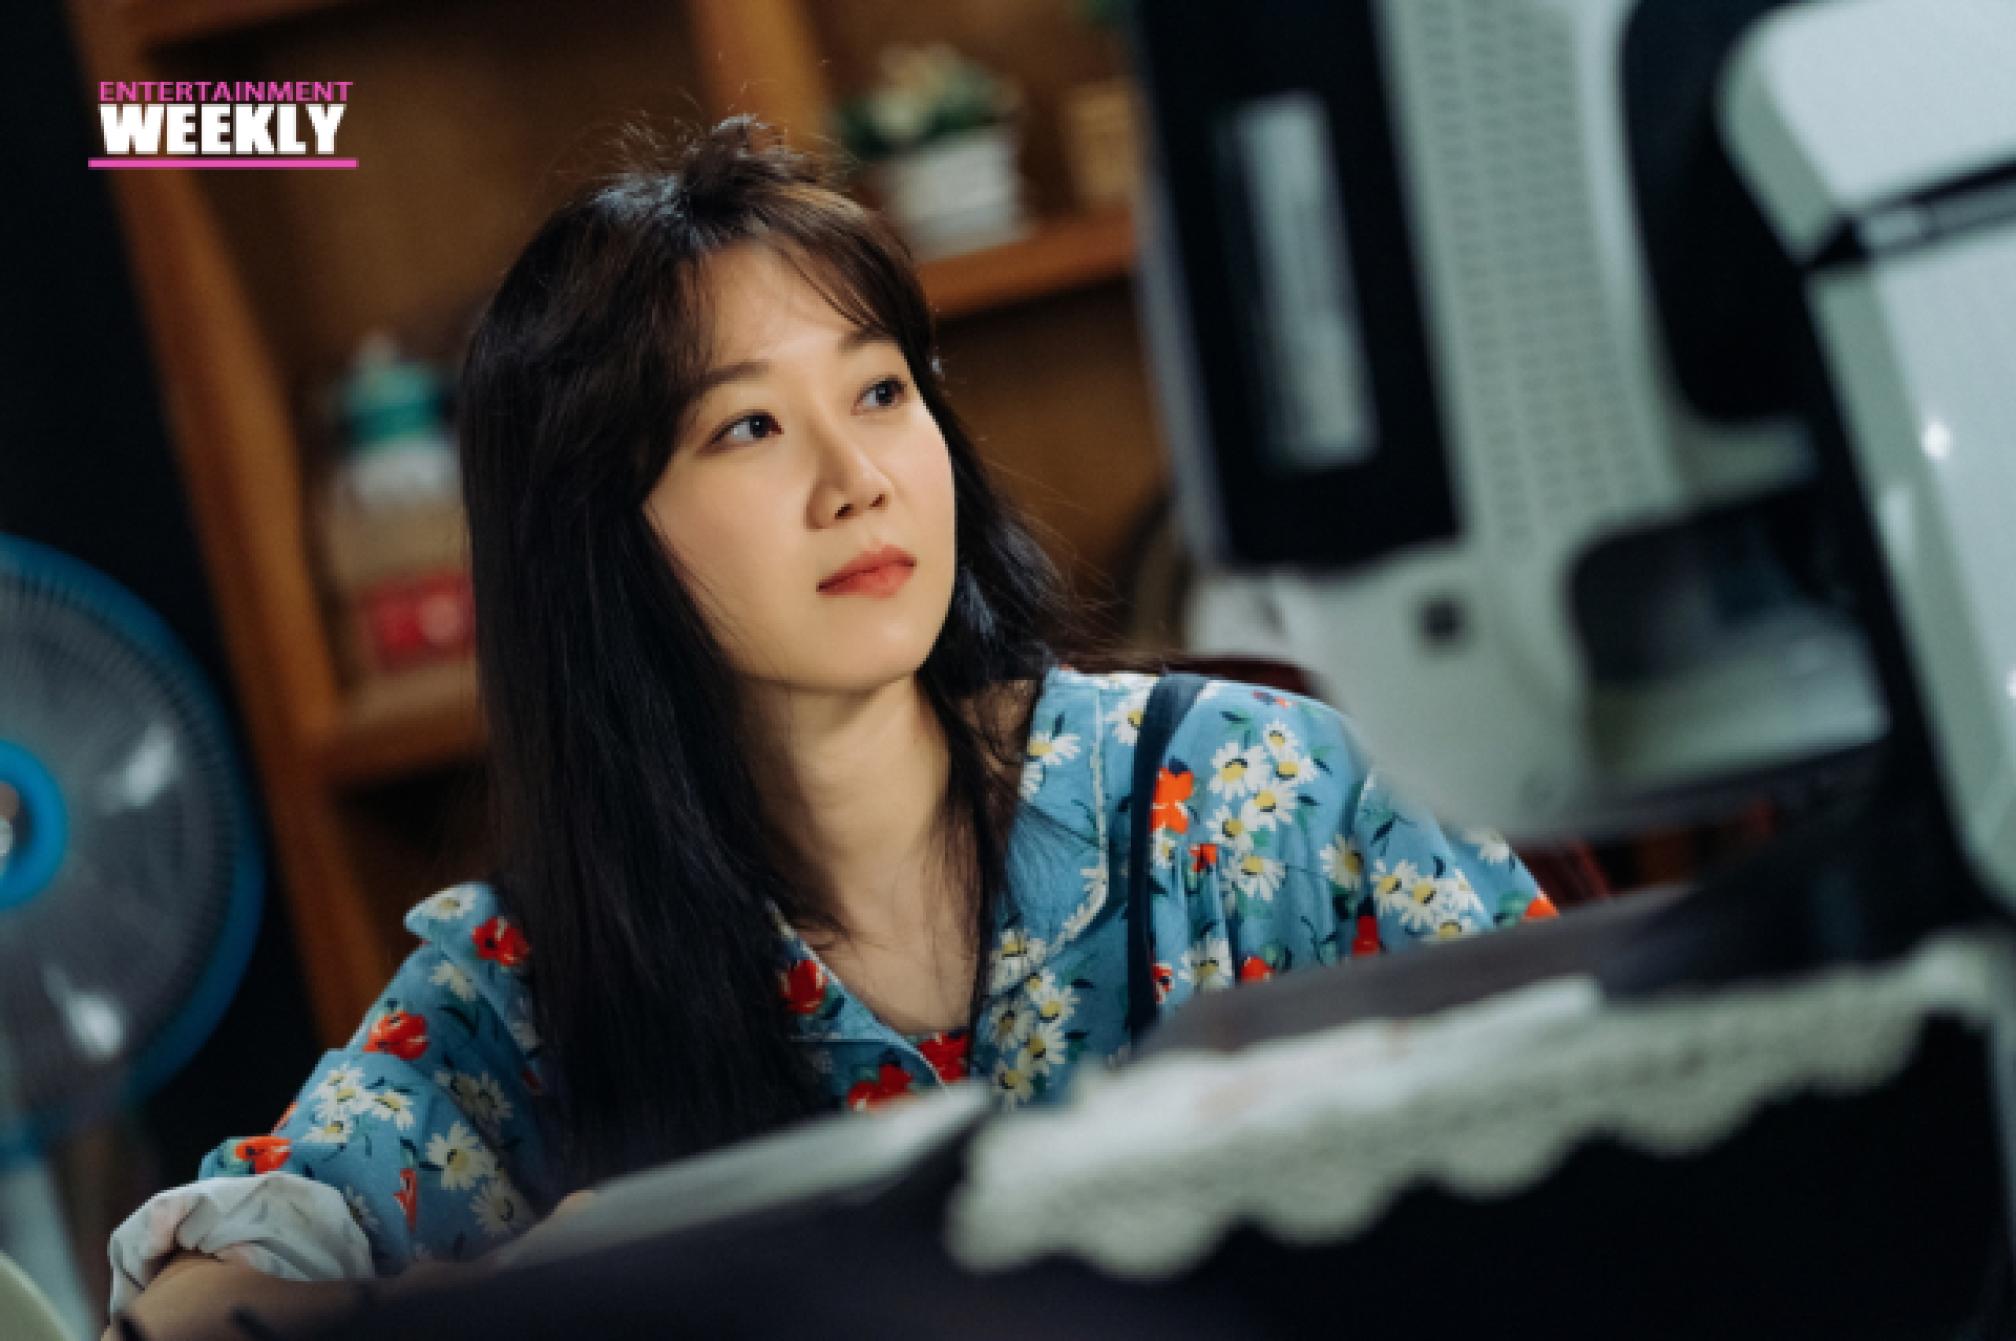 韓國娛樂週刊劇照 1